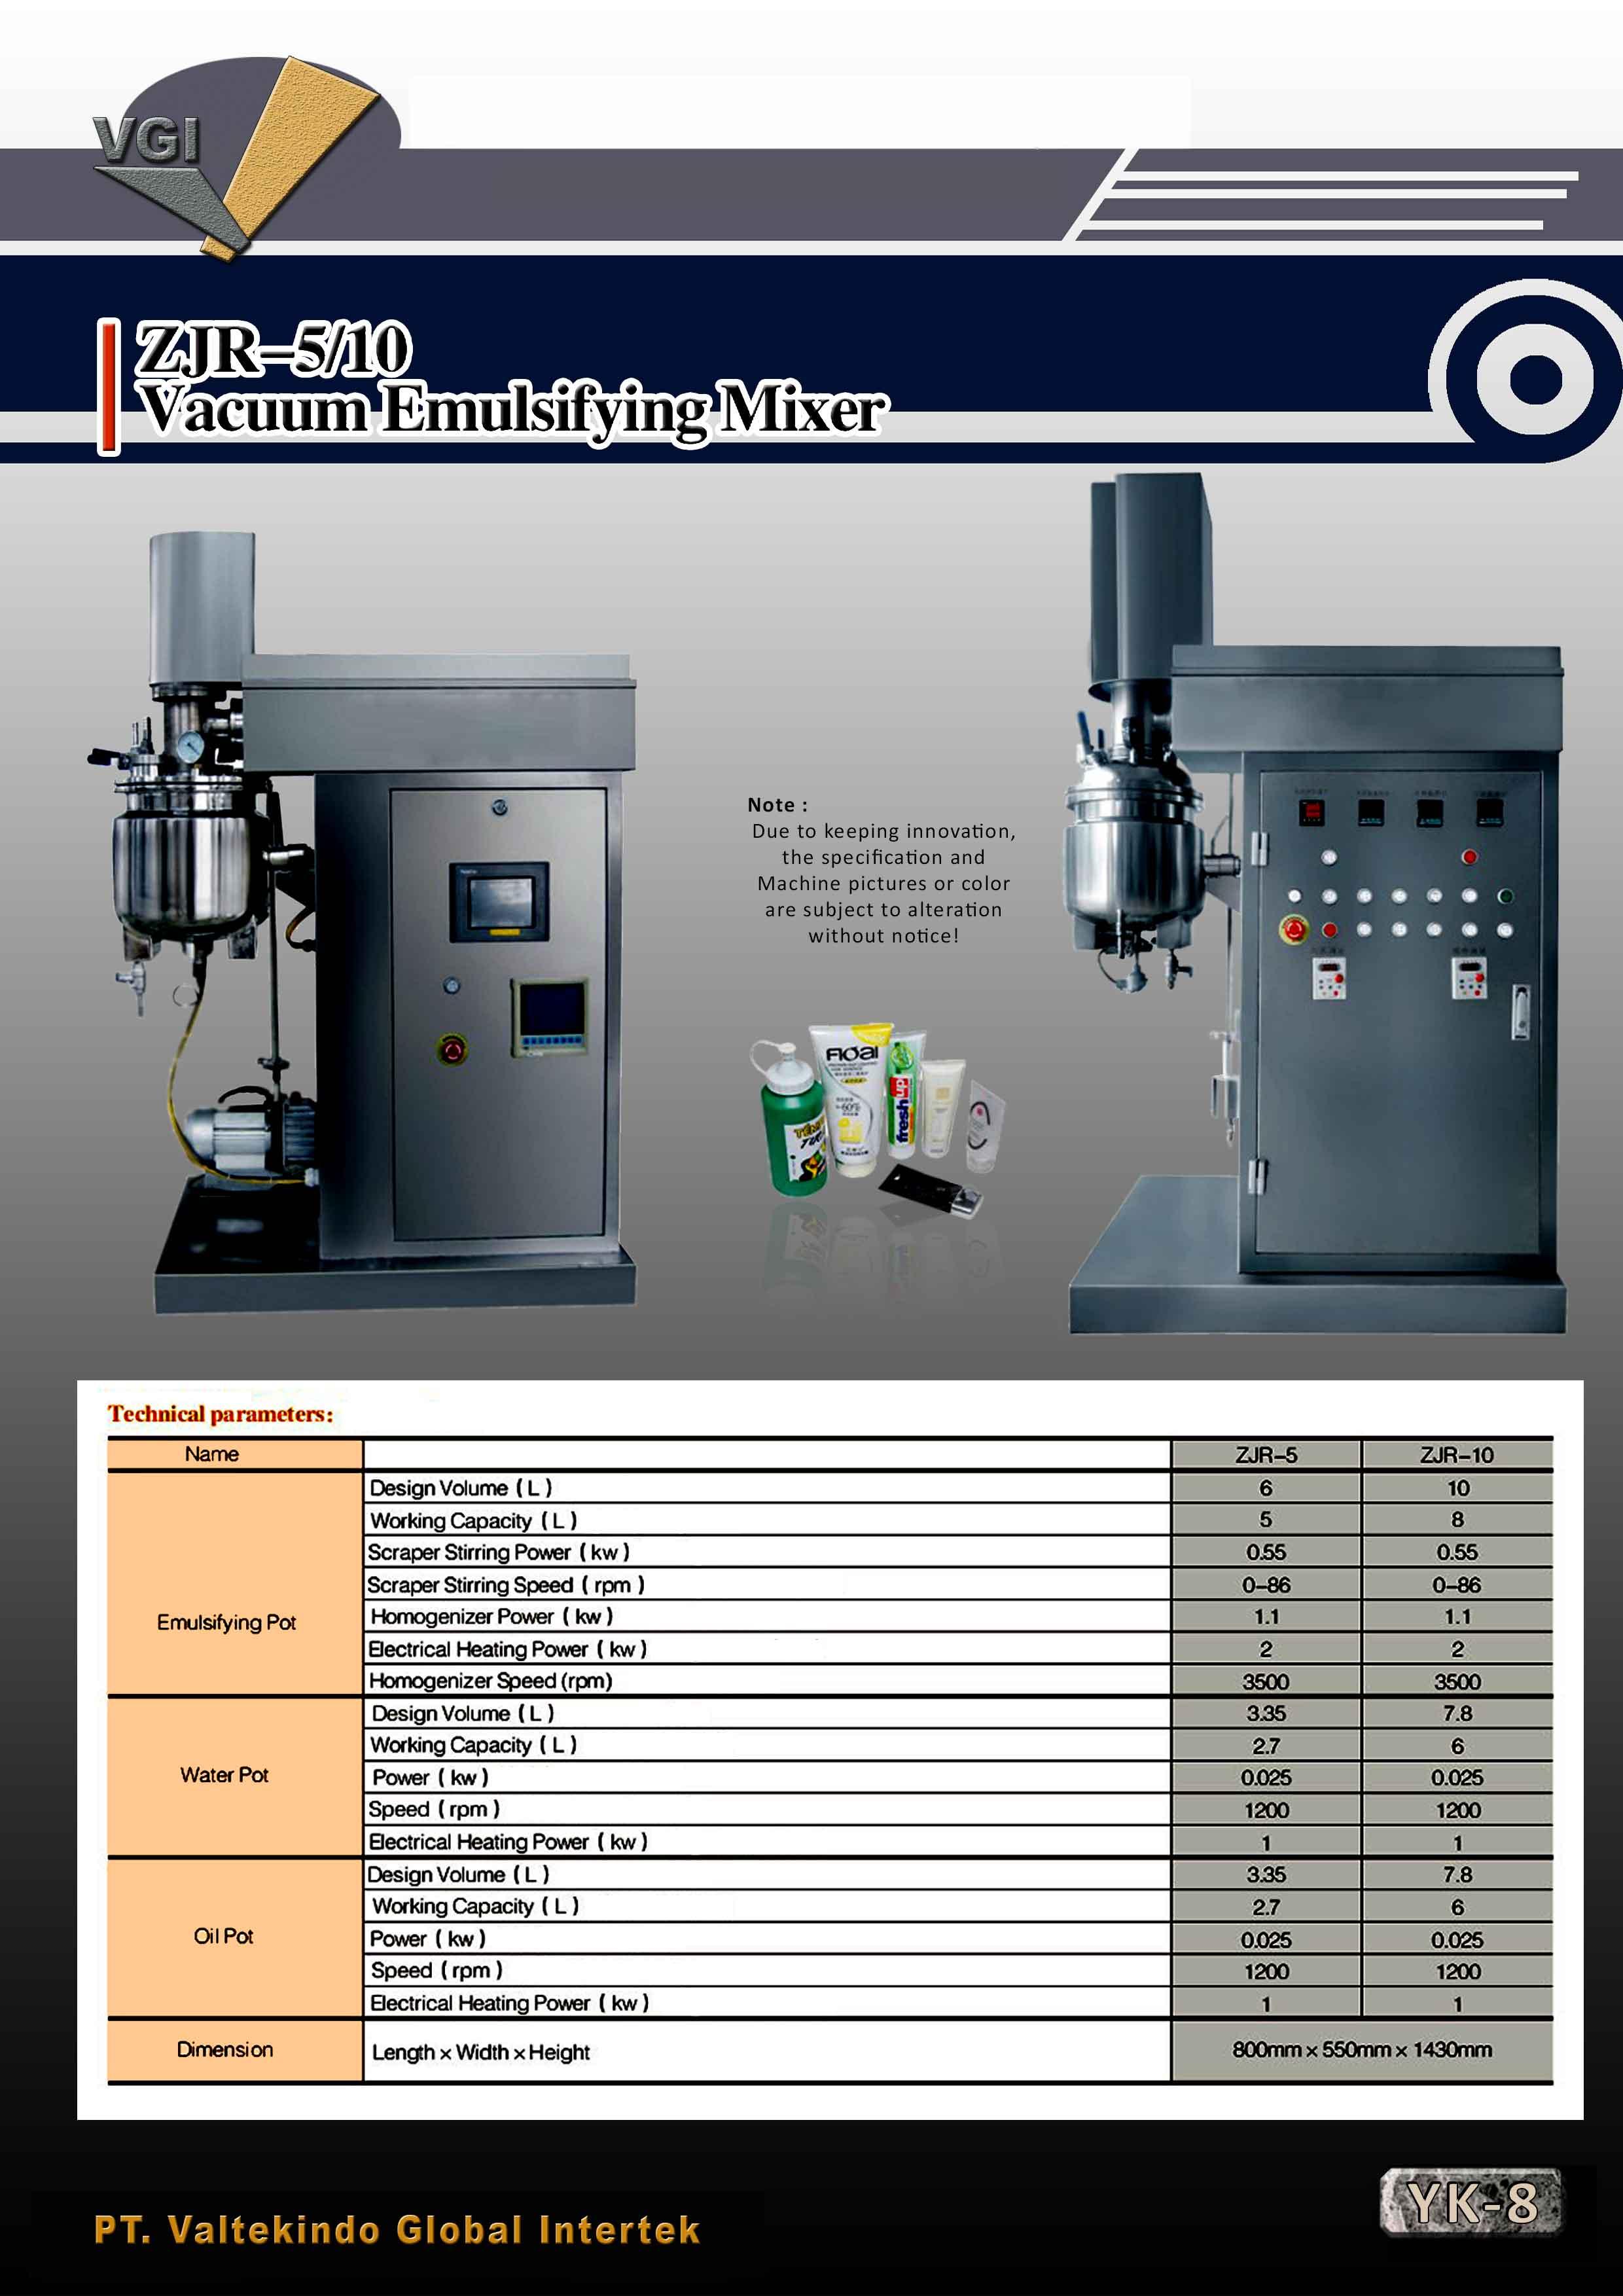 jual mesin, harga mesin, distributor mesin, jual mesin karet, daur ulang plastik Vacuum Emulsifying Mixer Vacuum Emulsifying Mixer